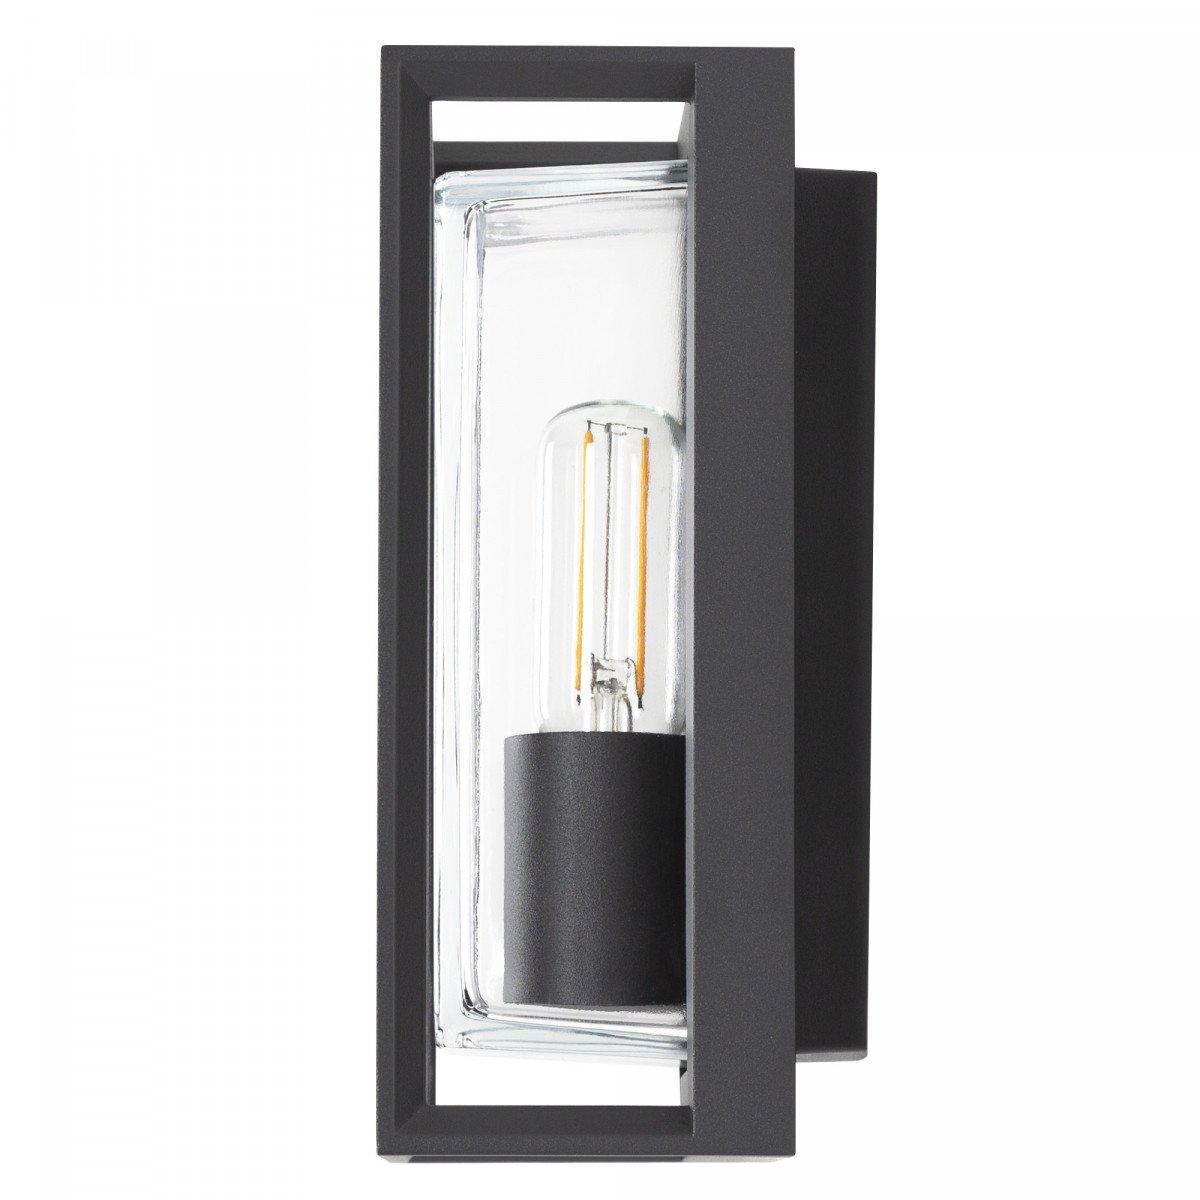 wandlamp voor aan de buitenmuur, box design, strak moderne buitenverlichting voor aan de wand, antraciet frame en heldere beglazing